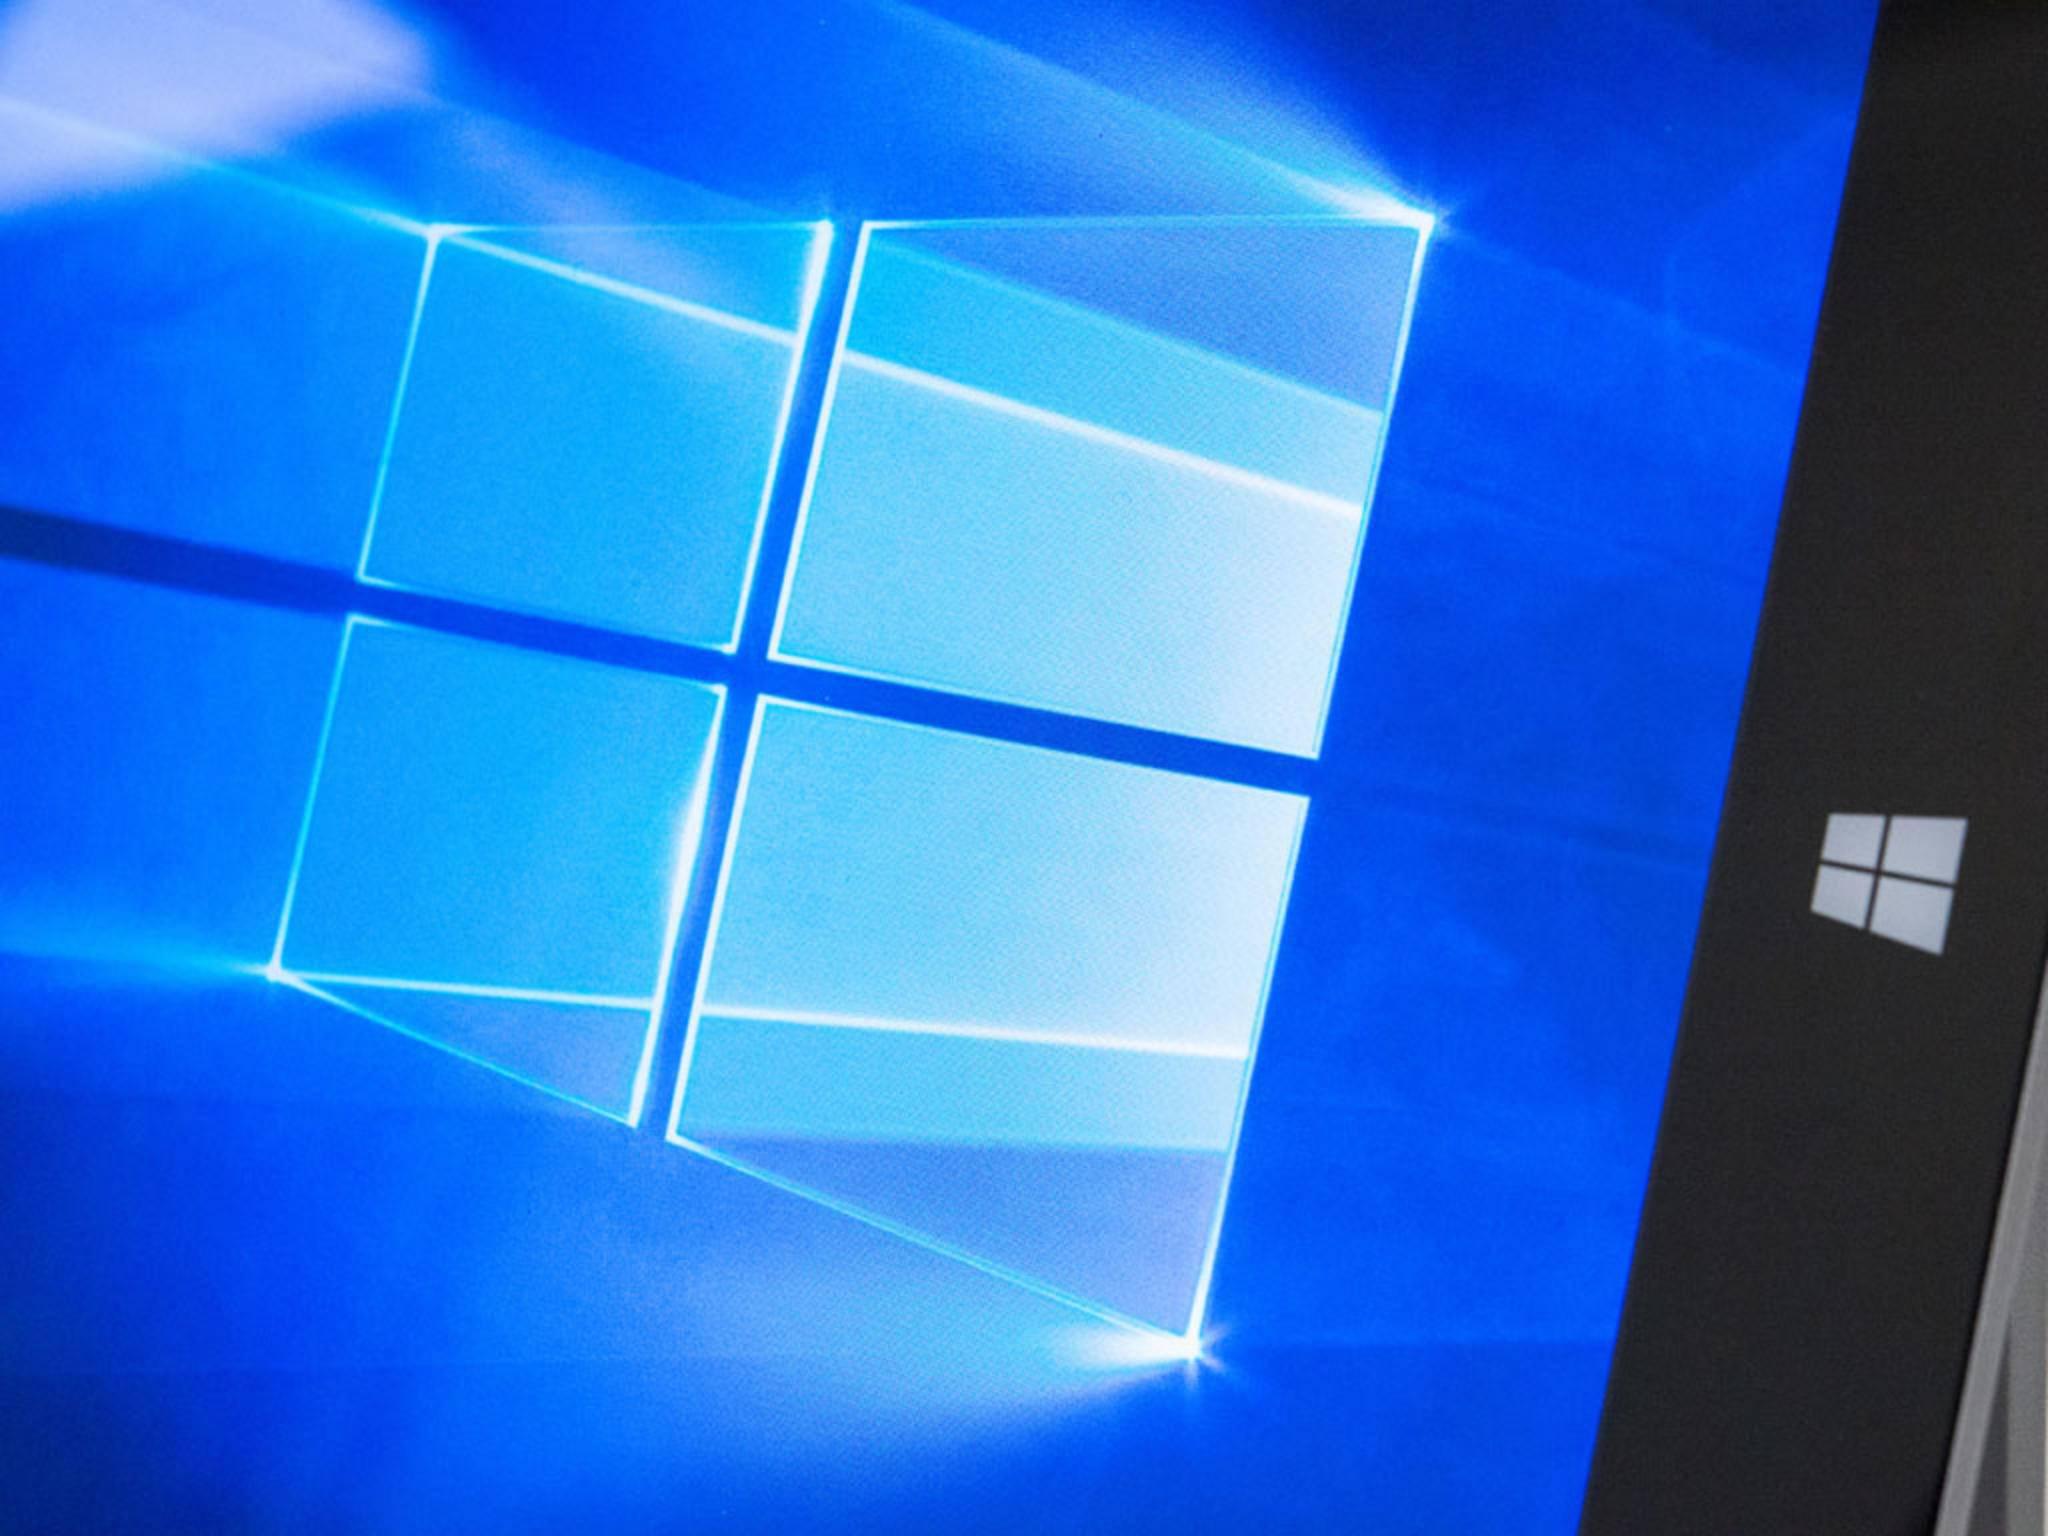 Wer nicht aufpasst, bekommt Windows 10 als automatisches Update geplant.